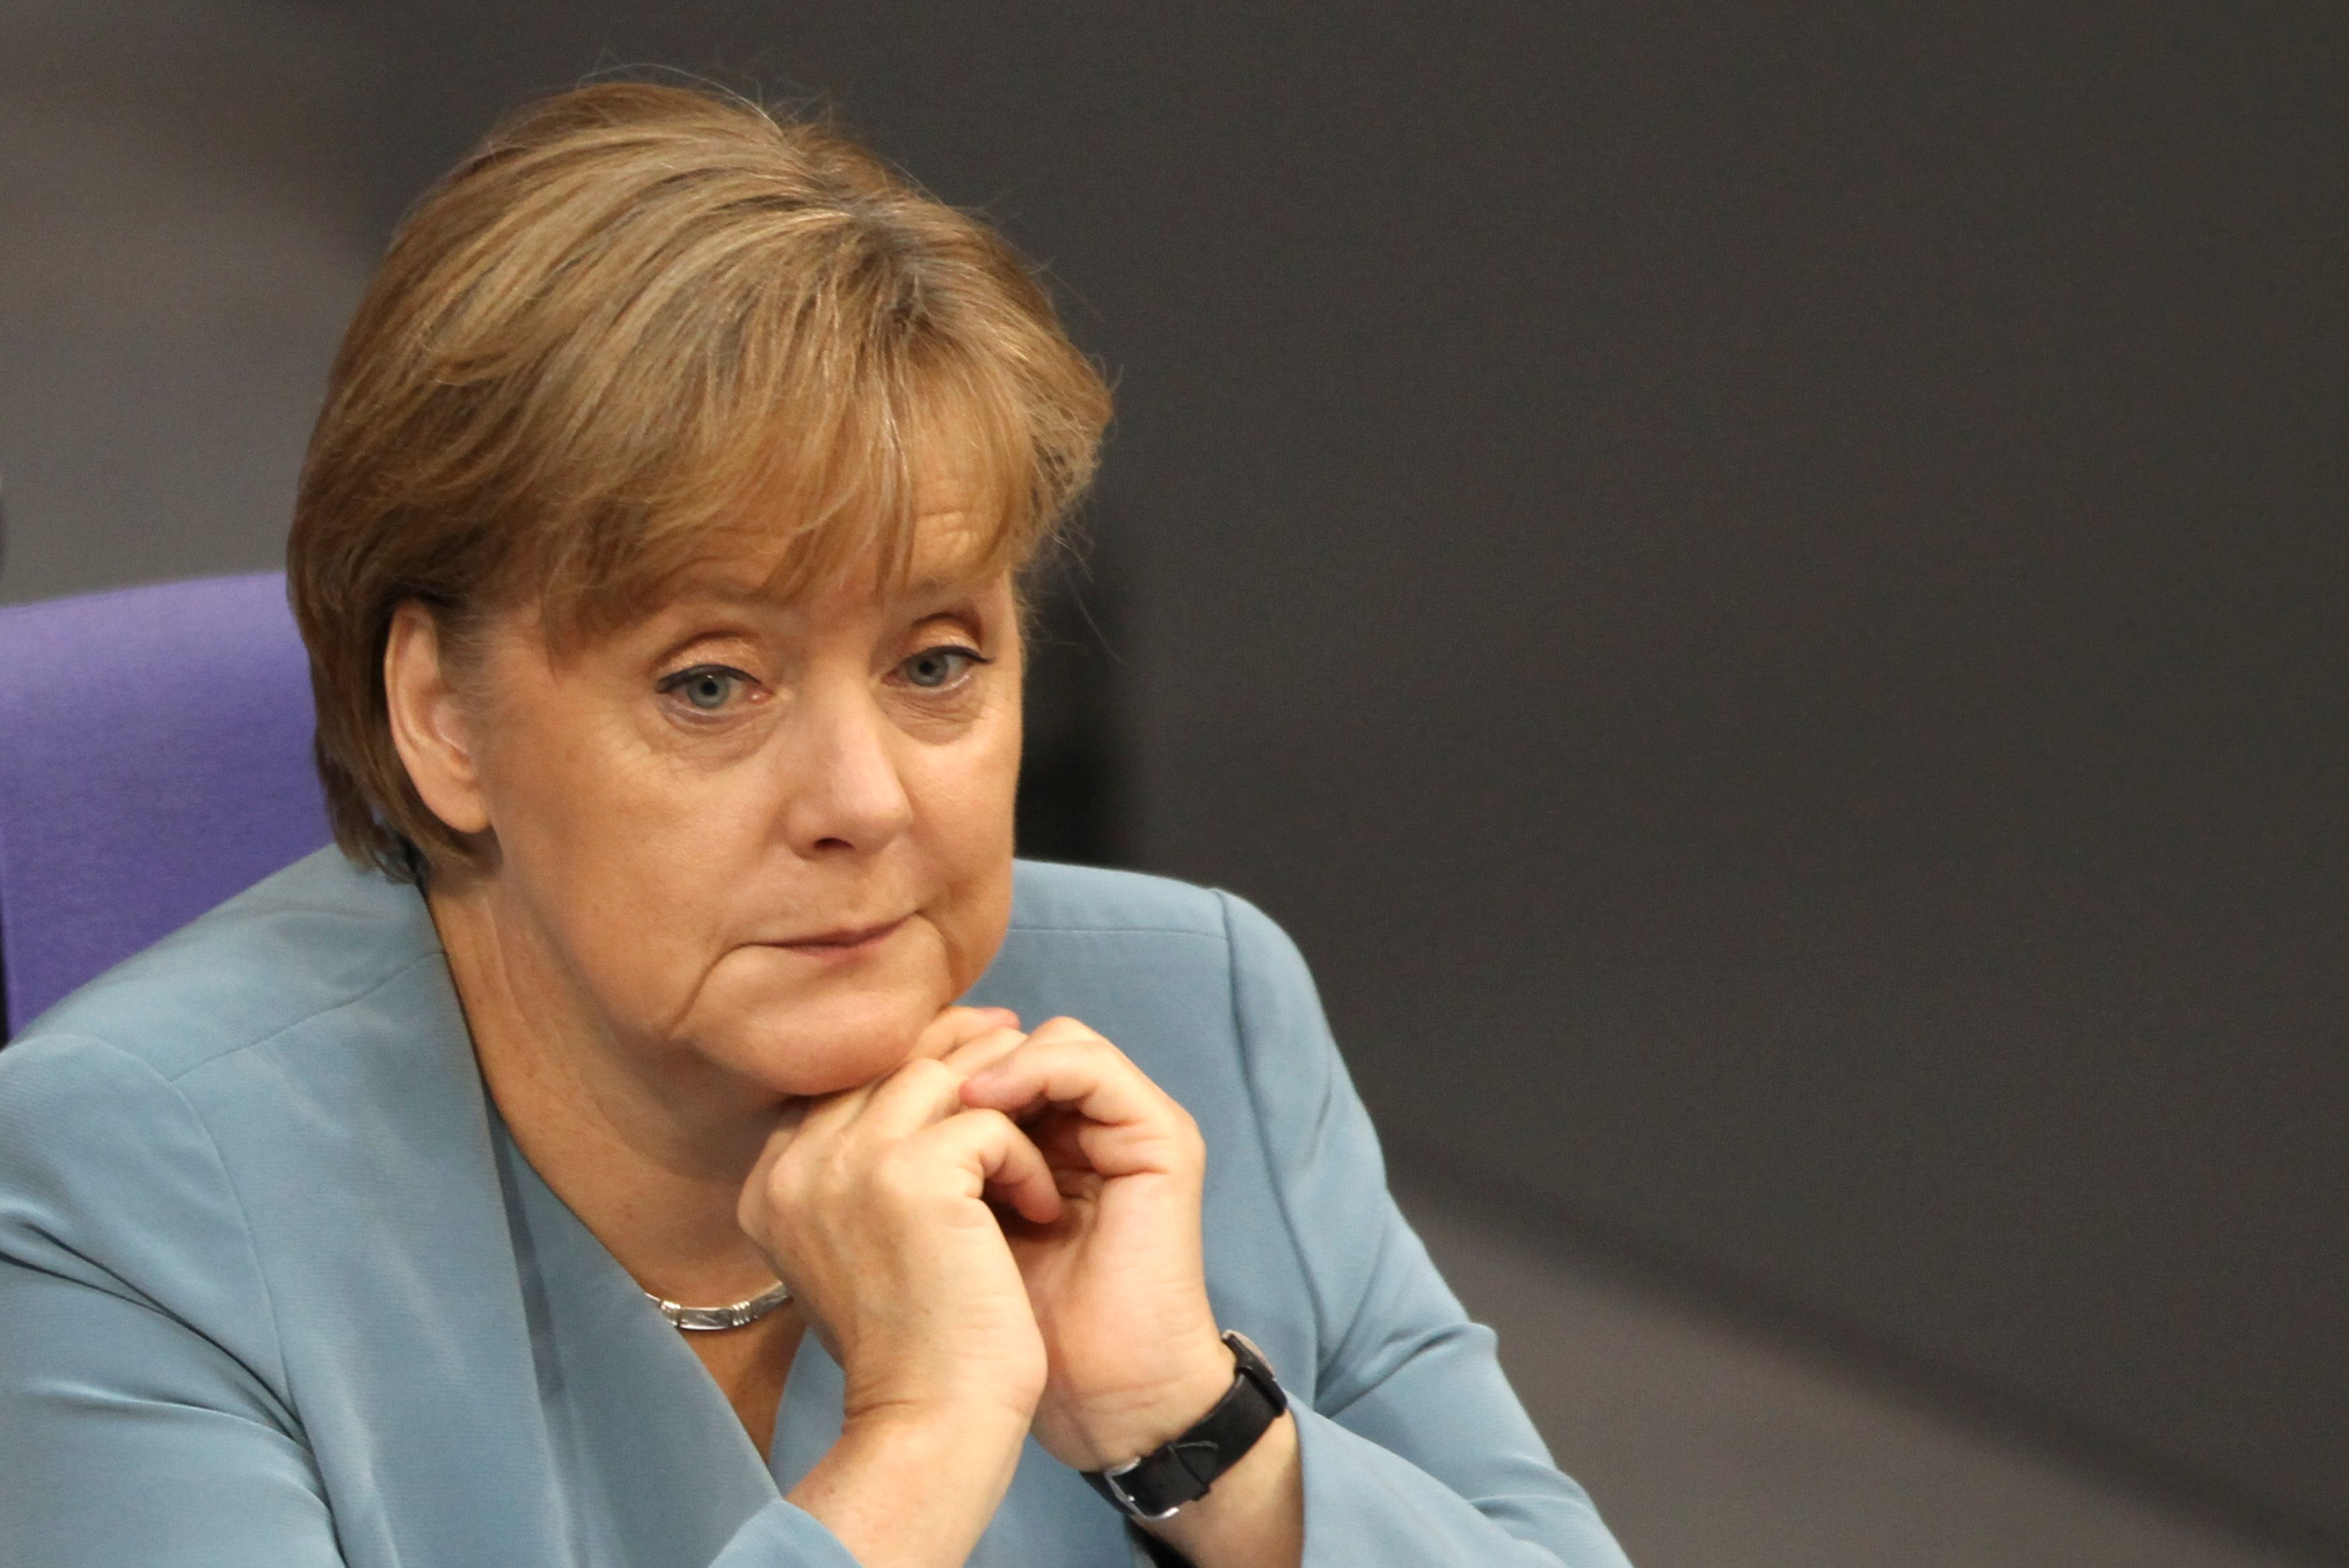 L'Allemagne a livré des produits chimiques à la Syrie